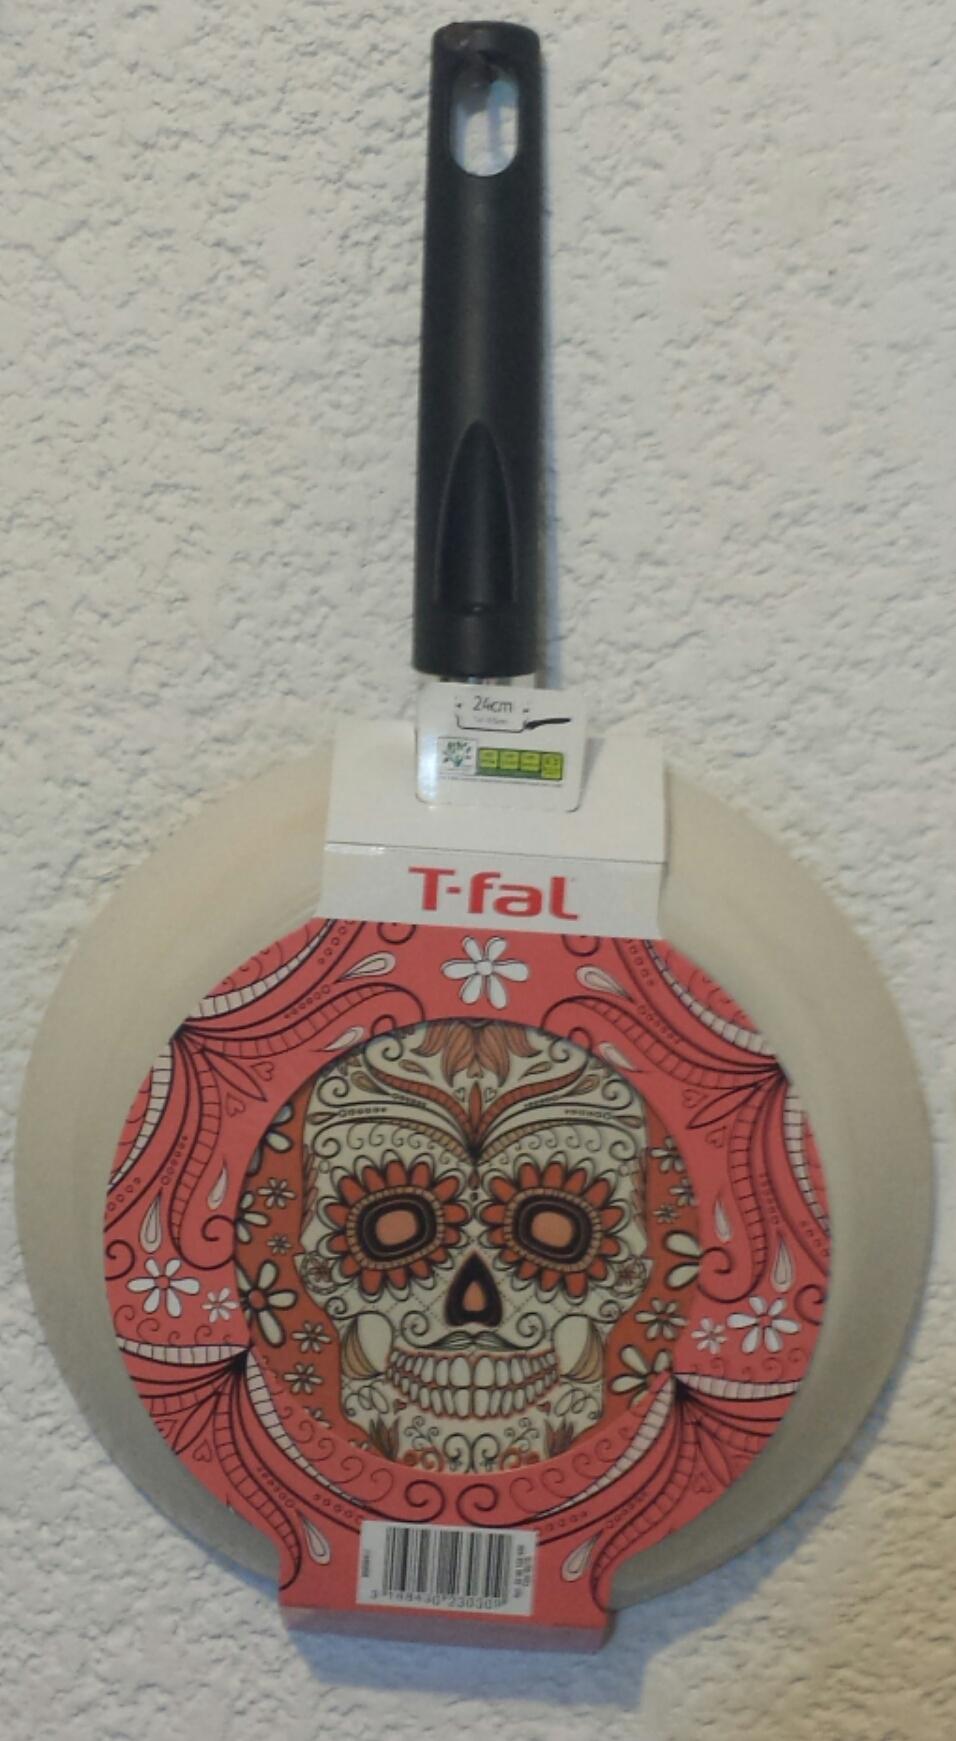 Chedraui Copilco - Sartén T-fal 24cm $97.30 (con posibilidad de bonificación)